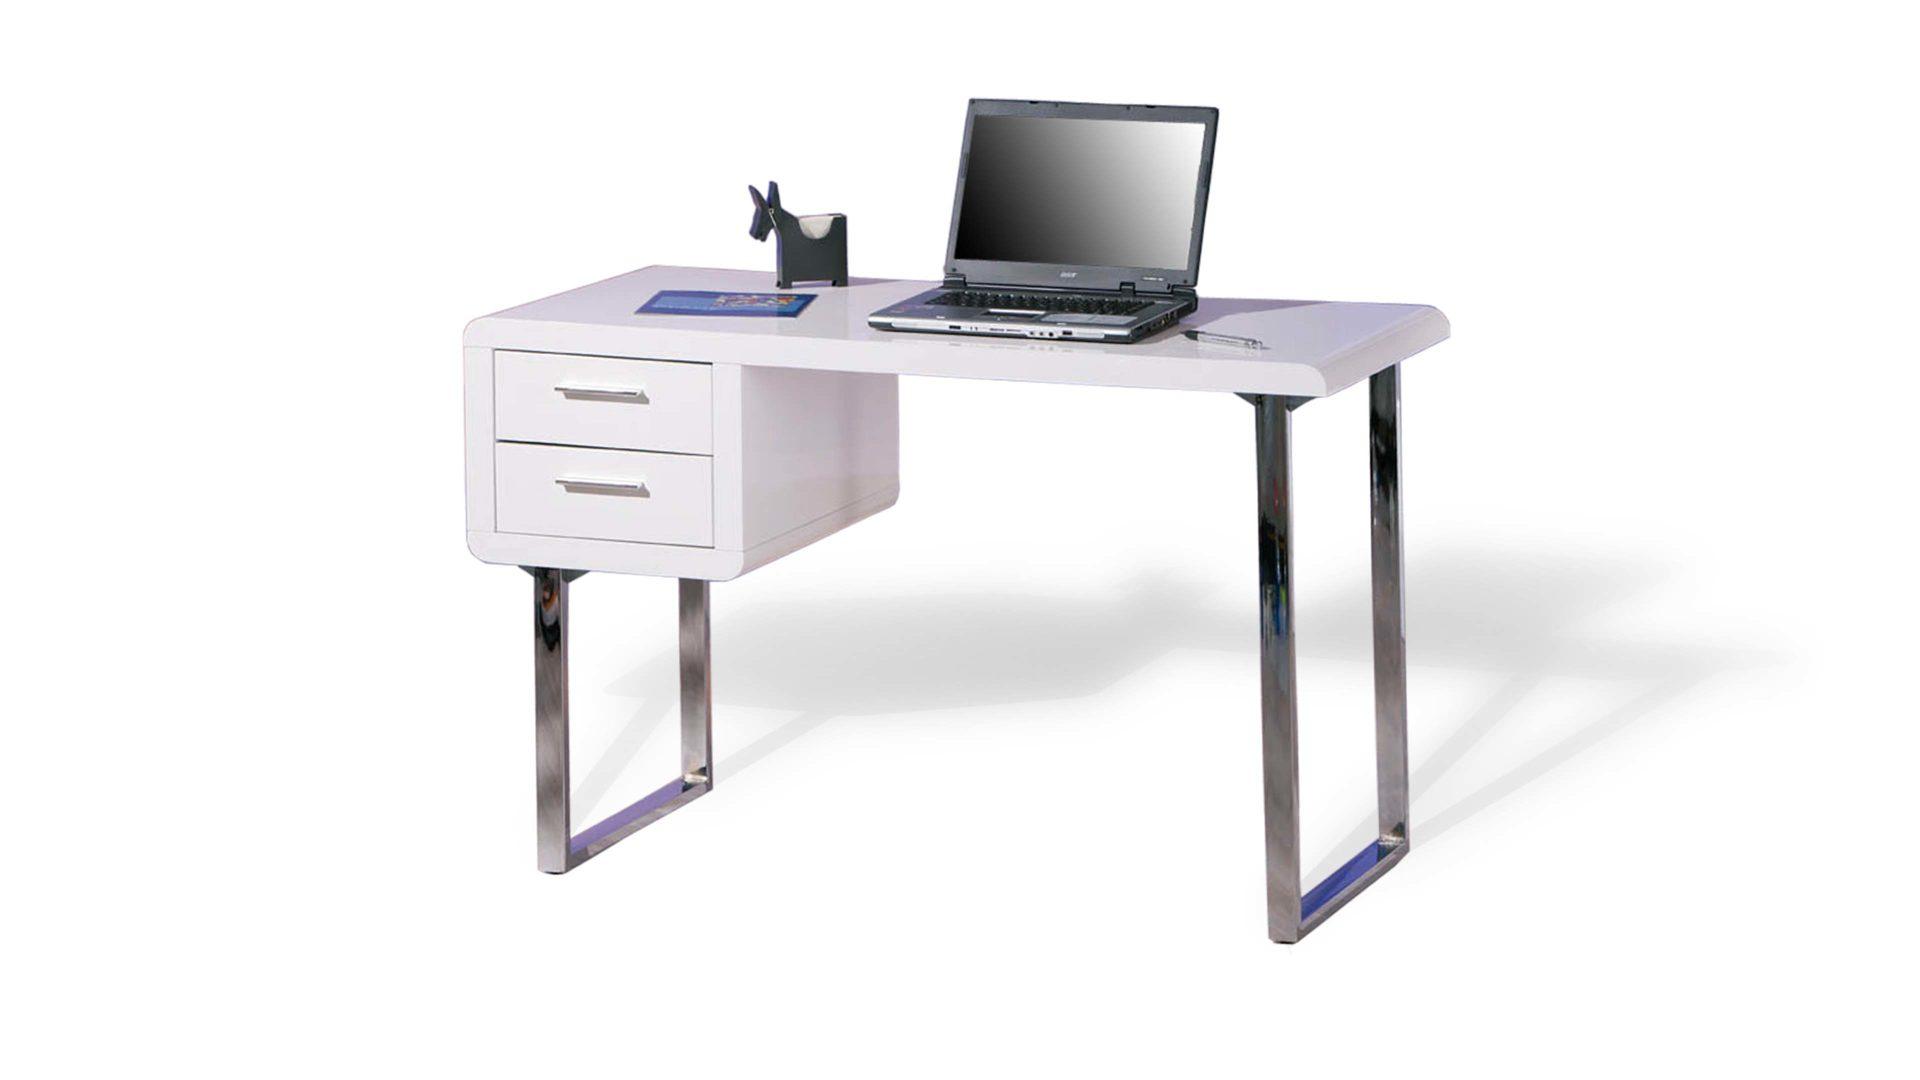 Schreibtisch Claude, ein Büromöbel für effizientes Arbeiten, weiße ...